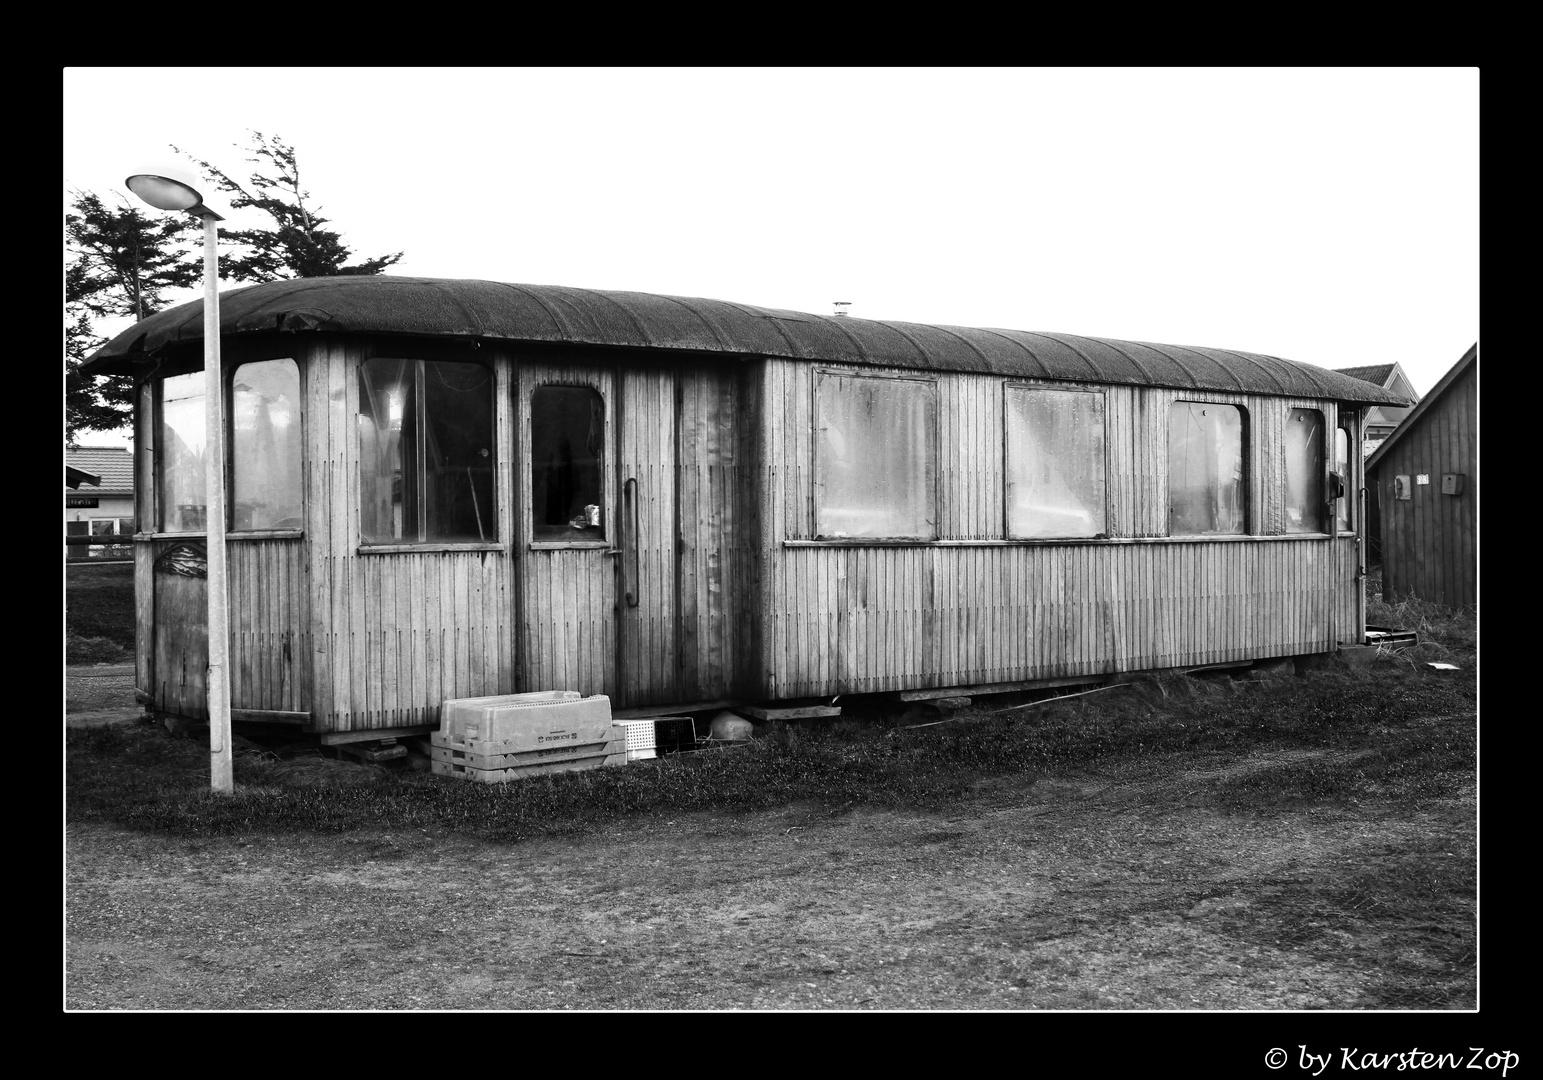 Alter Eisenbahnwagen